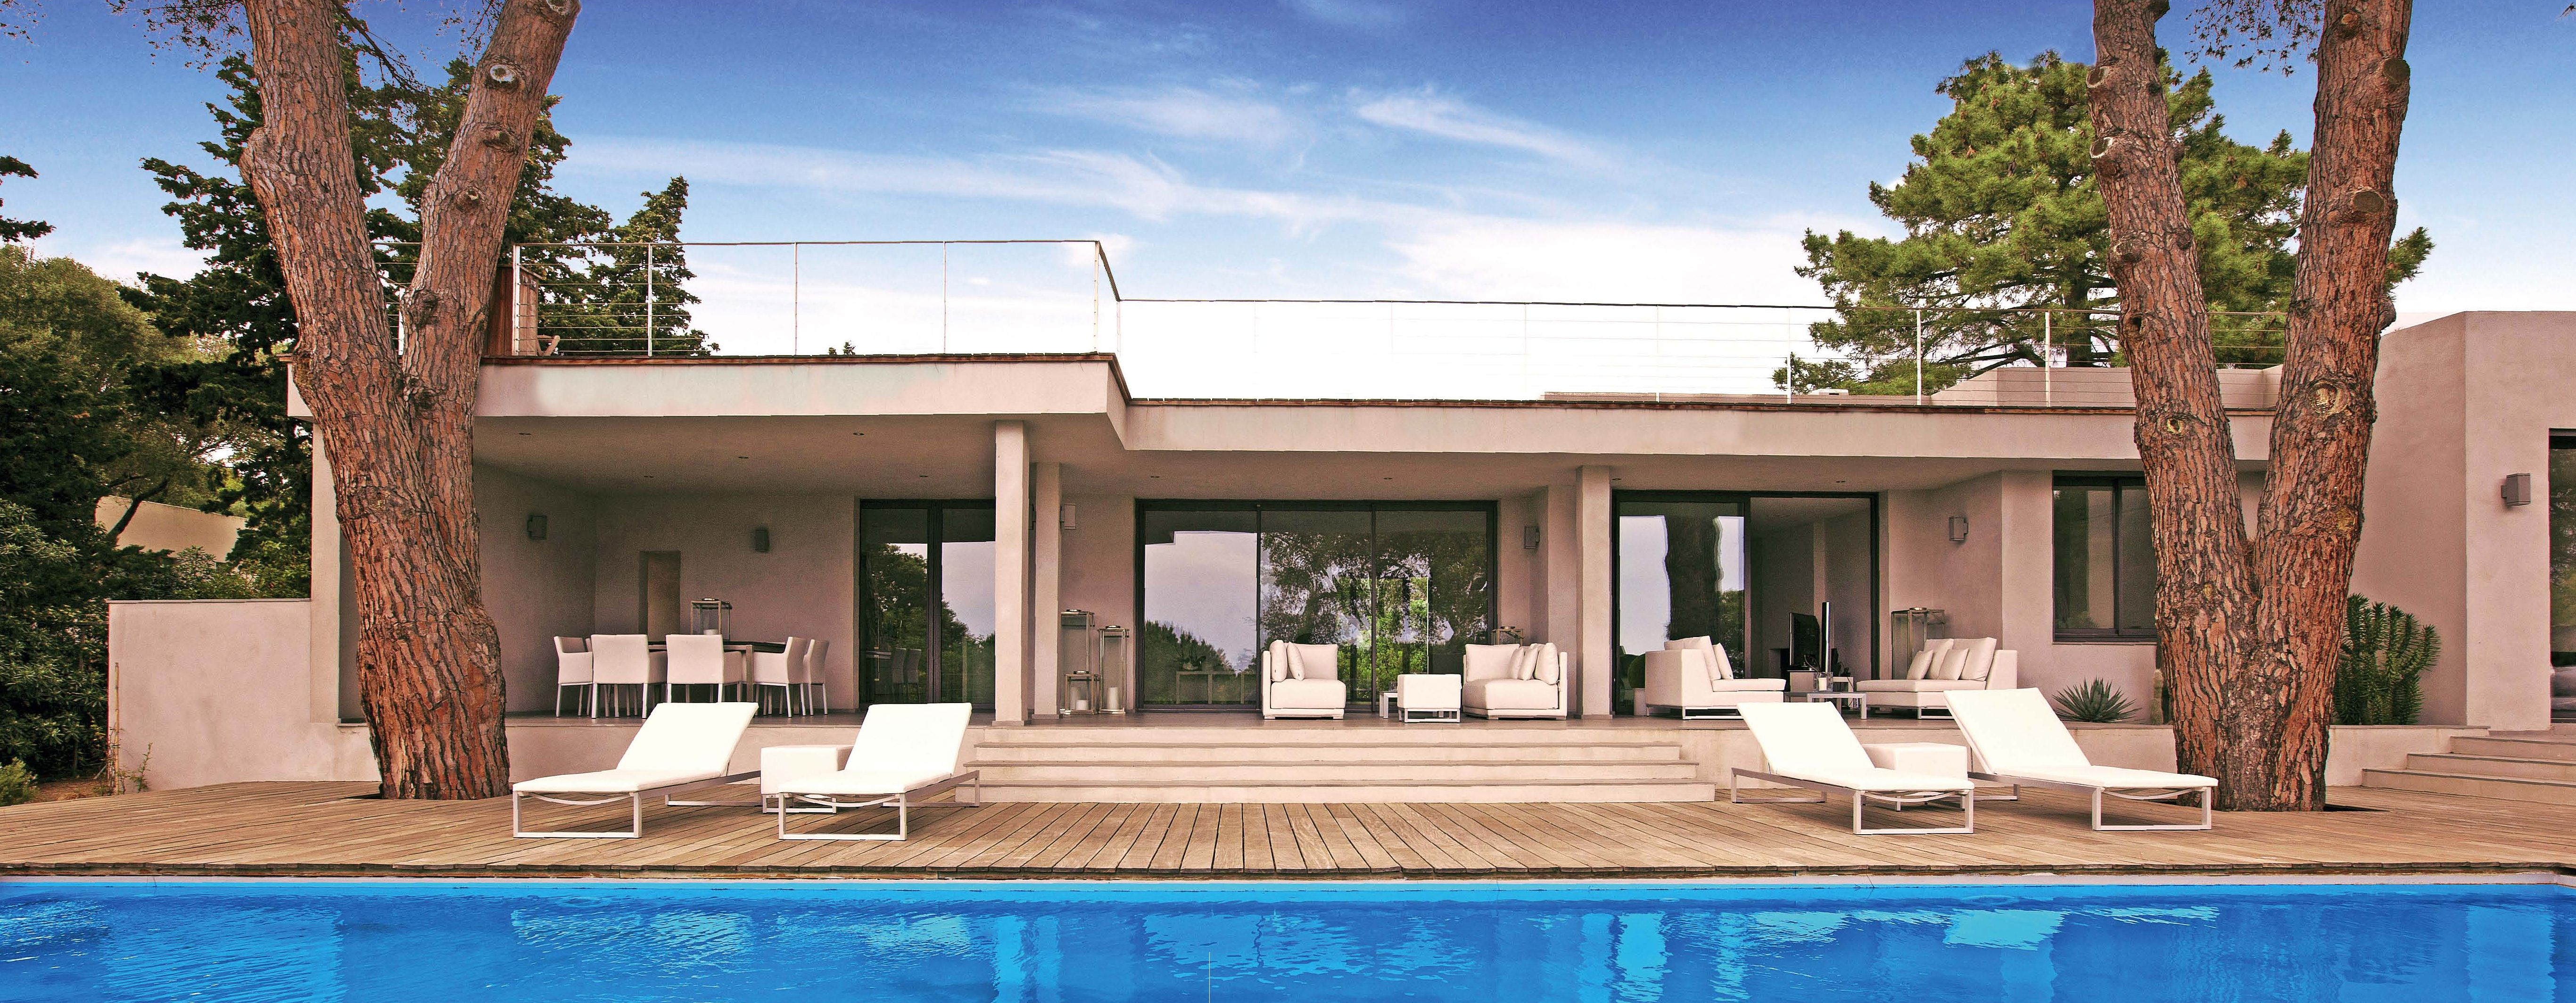 Maison des iles moderne toit plat 10 jpg